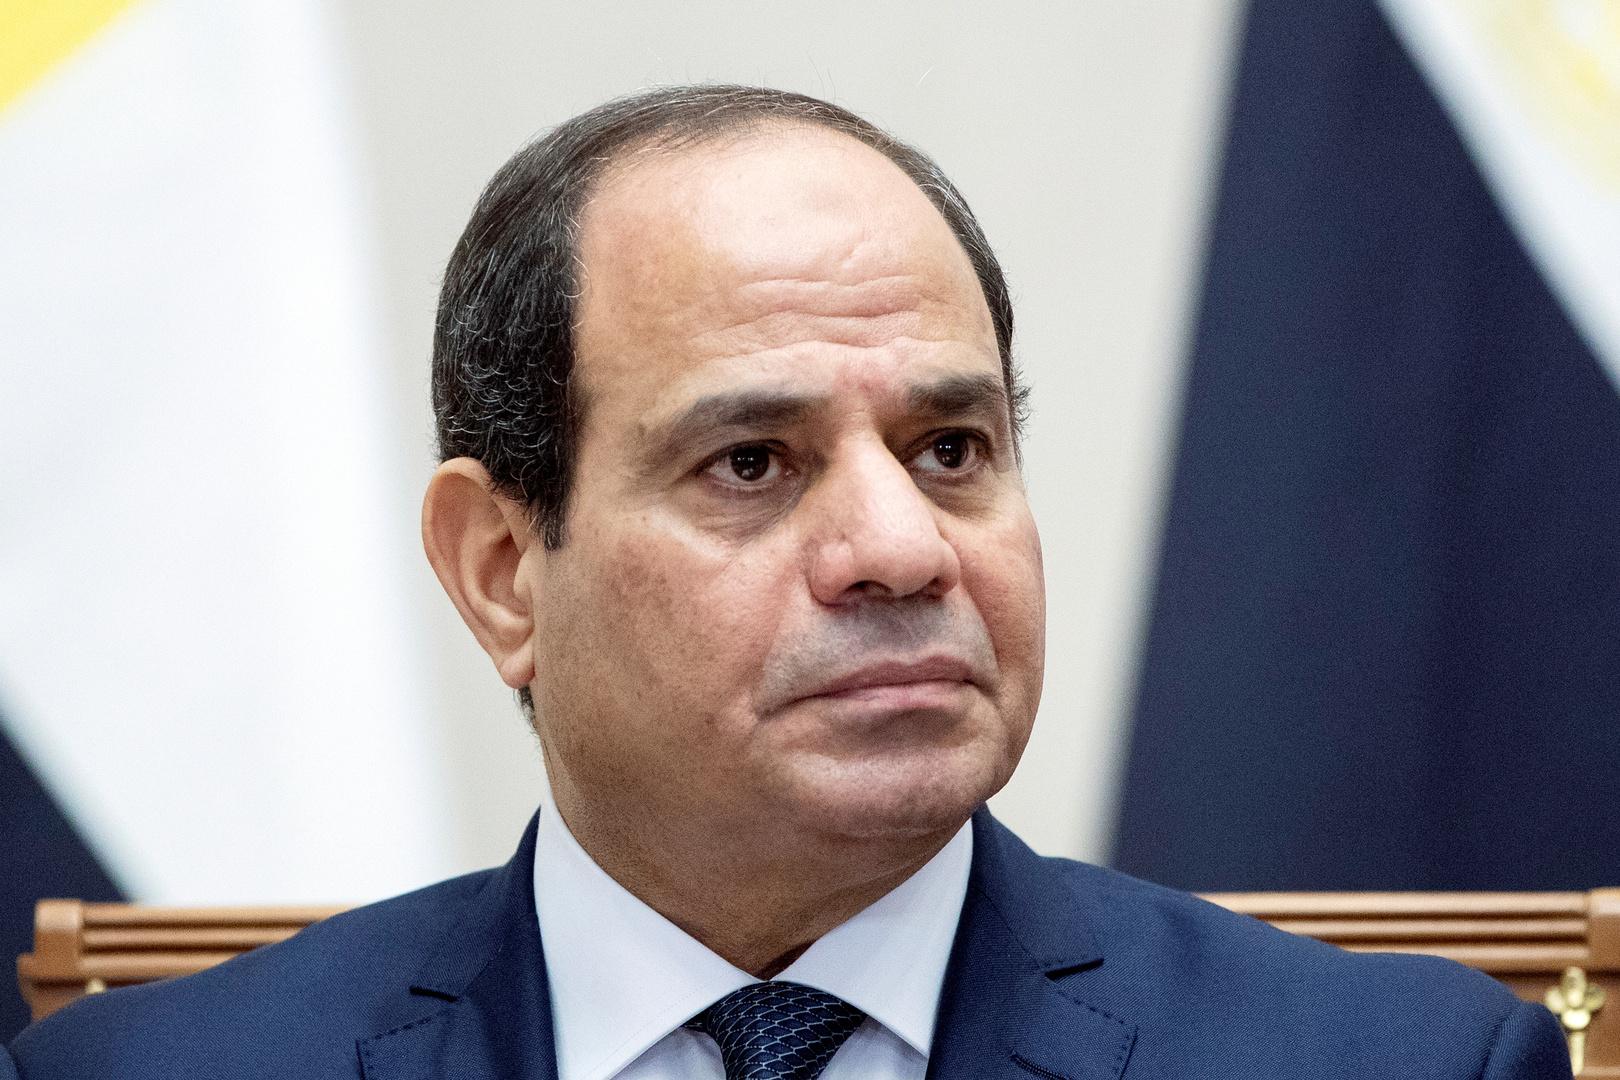 السيسي يعلن استعداد مصر لإرسال مساعدات إلى جيبوتي